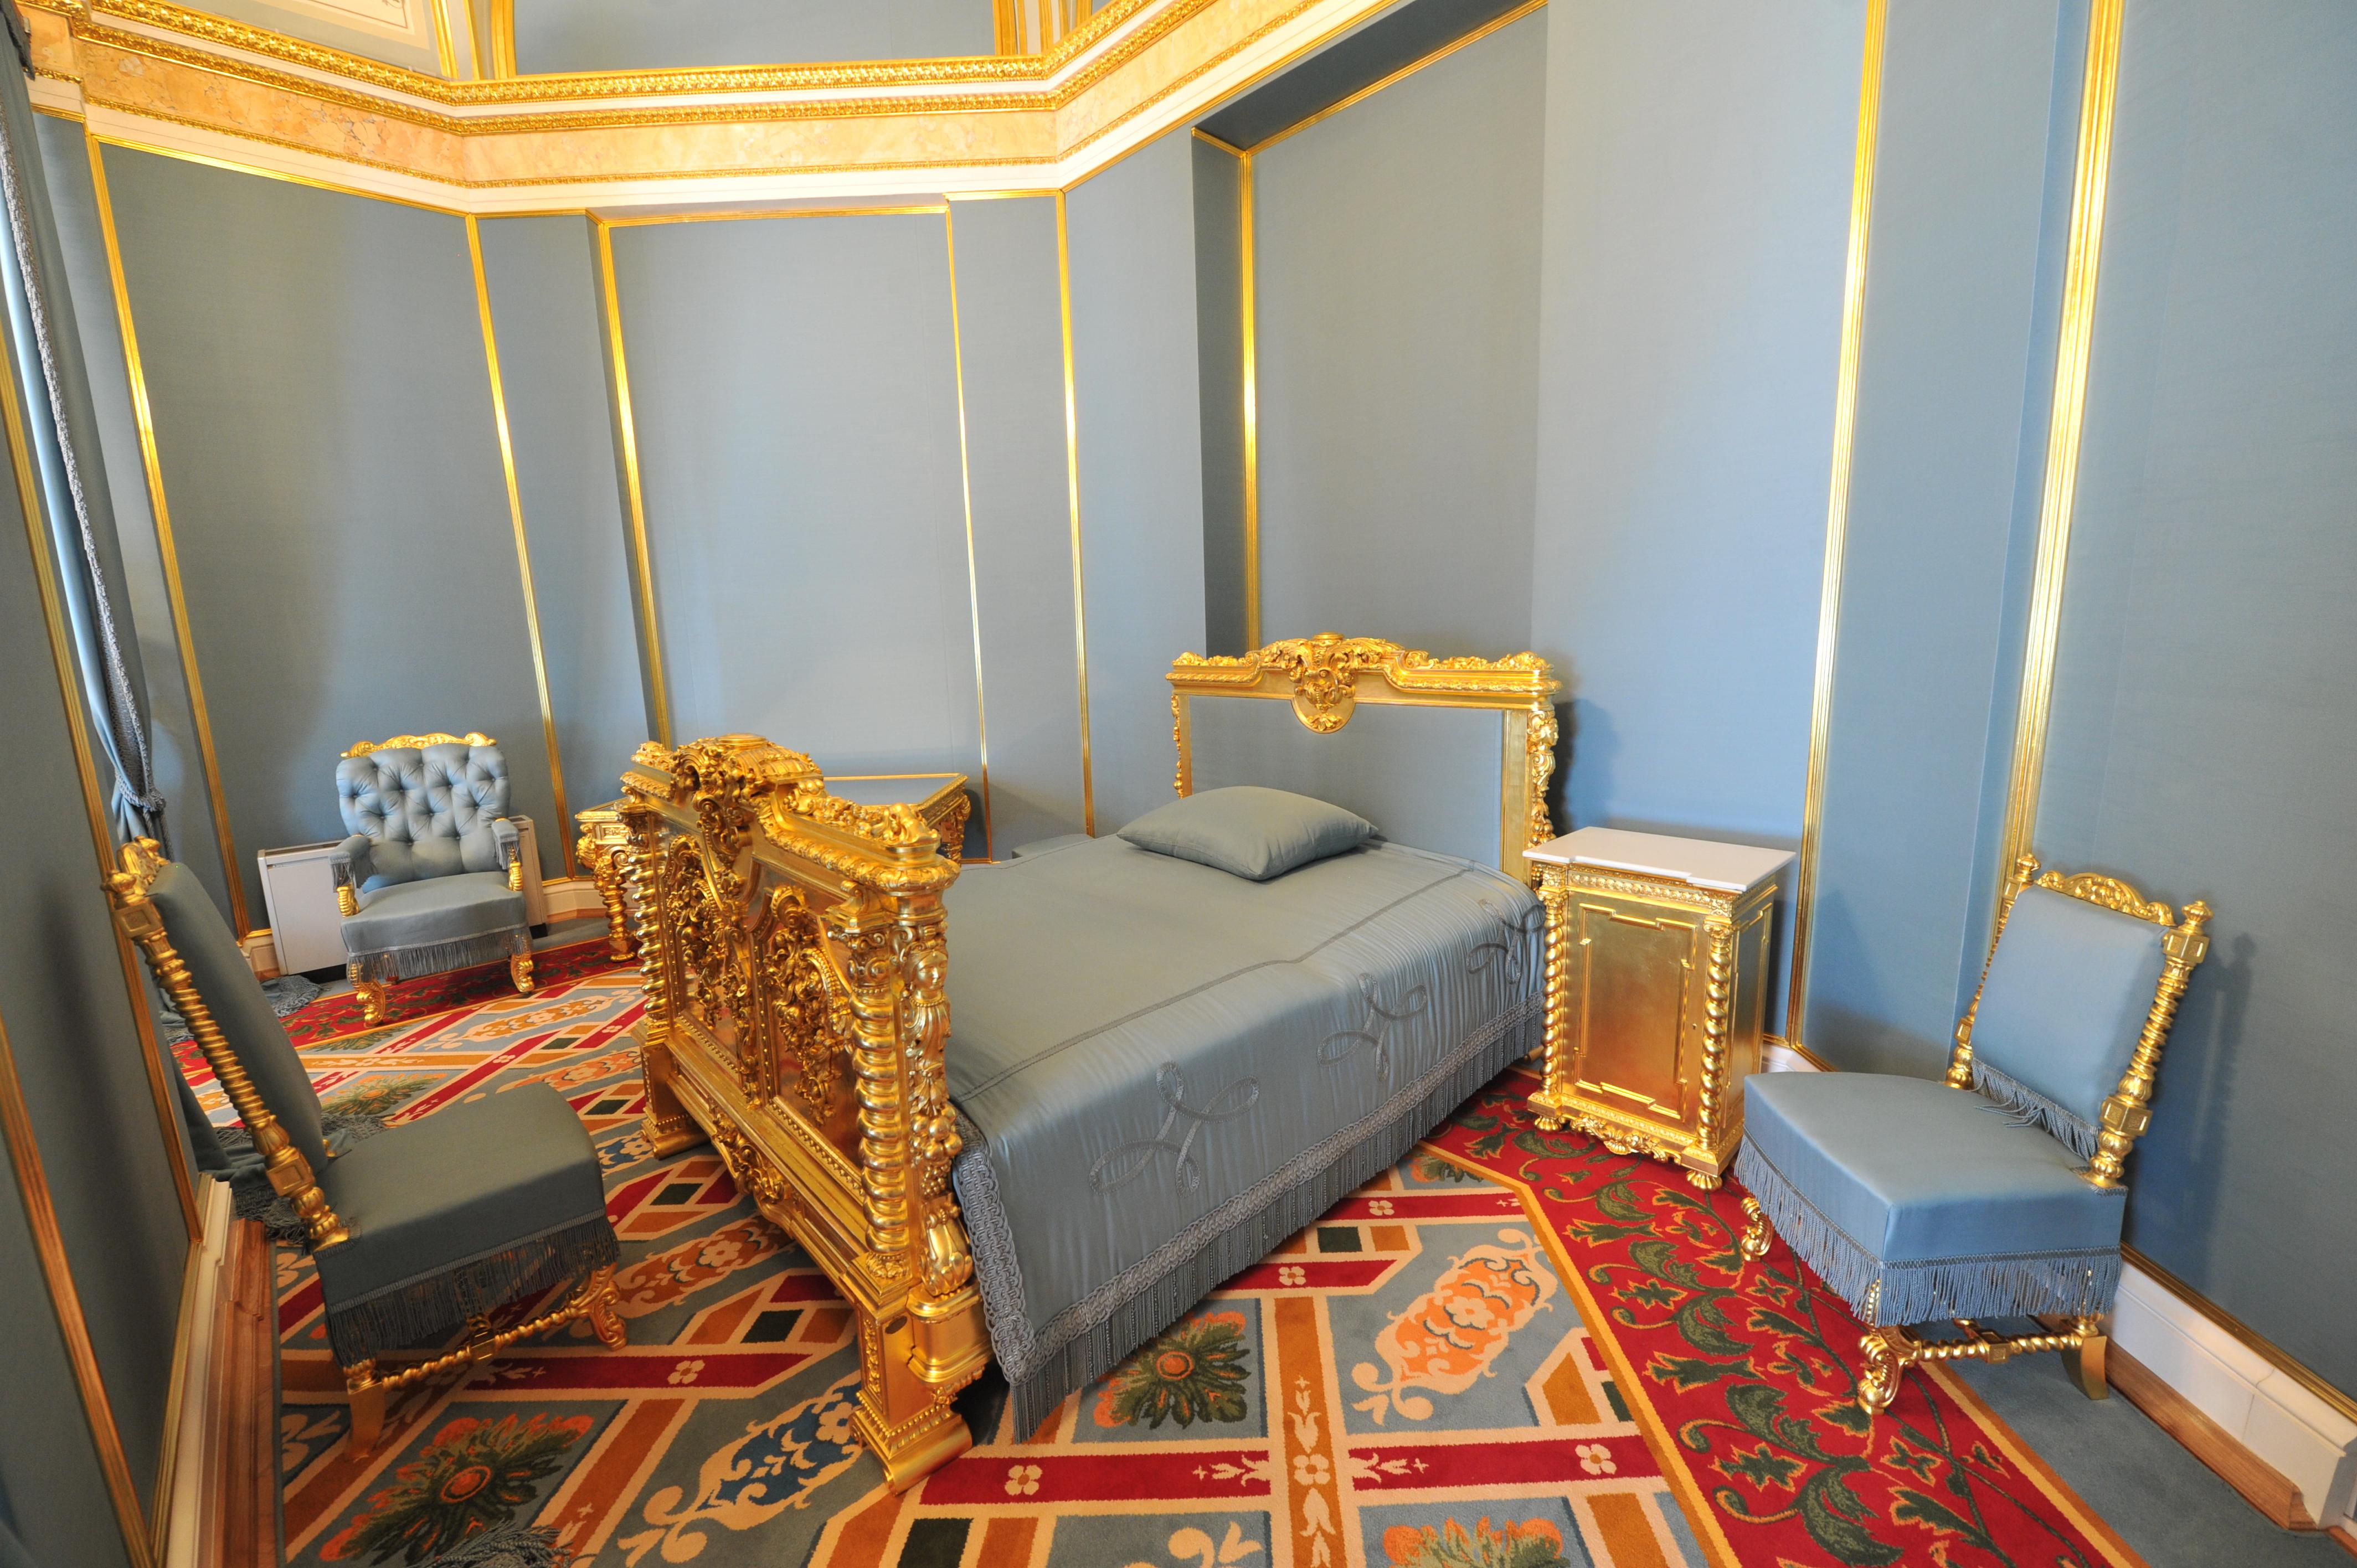 Московский Кремль. Большой Кремлевский Дворец. Собственная половина Его Императорского Величества. Опочивальня.